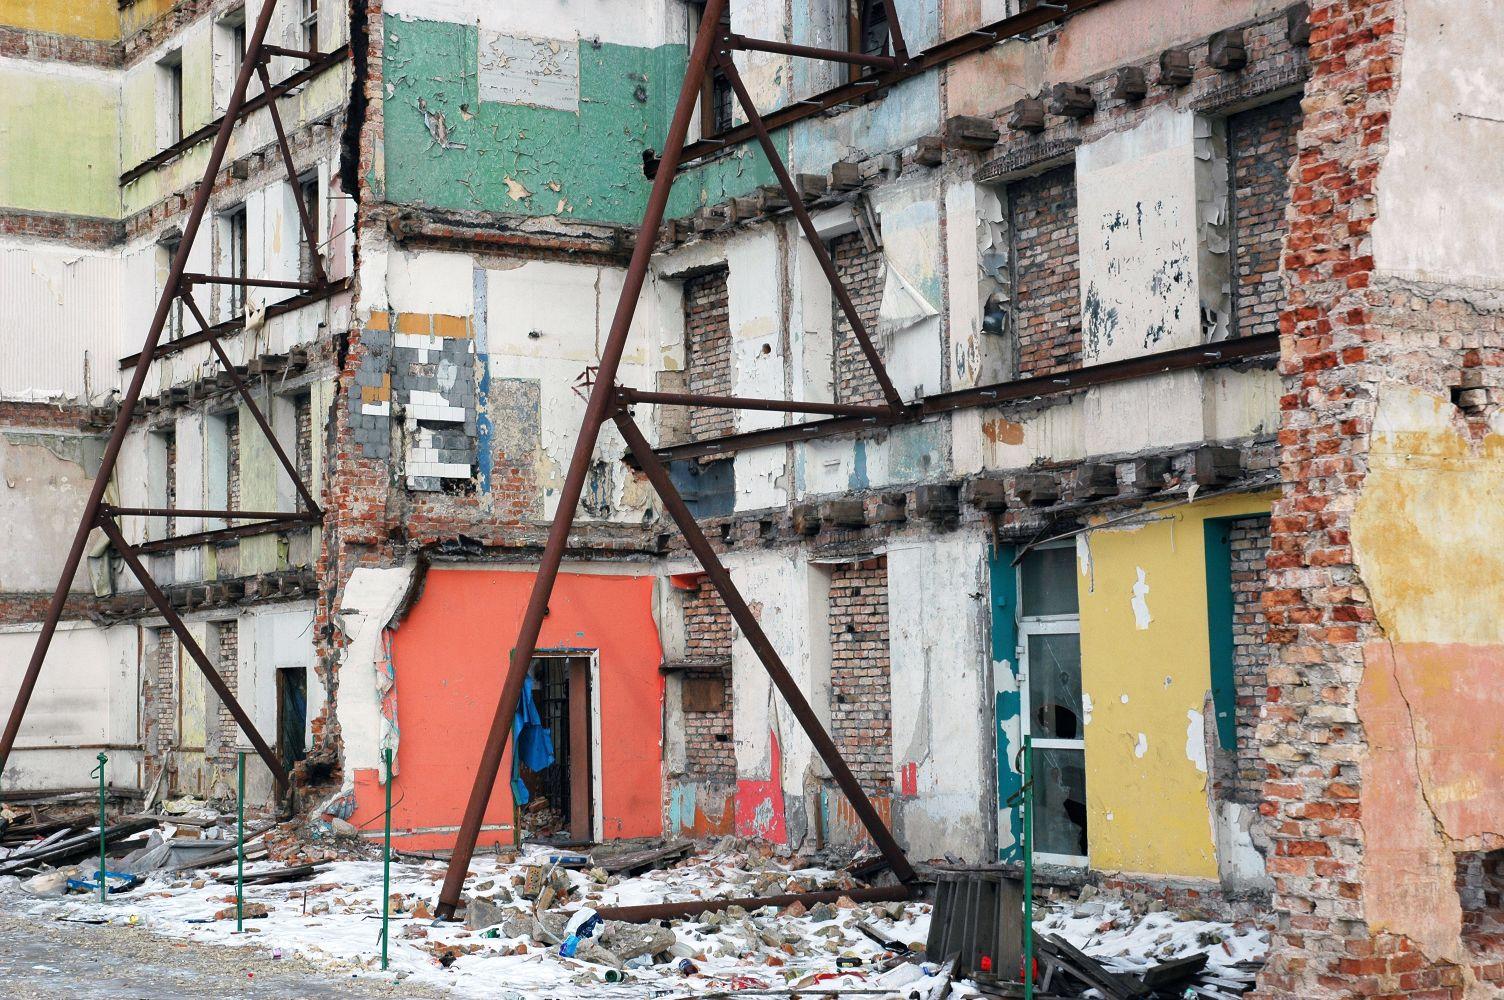 Building Restoration & Preservation